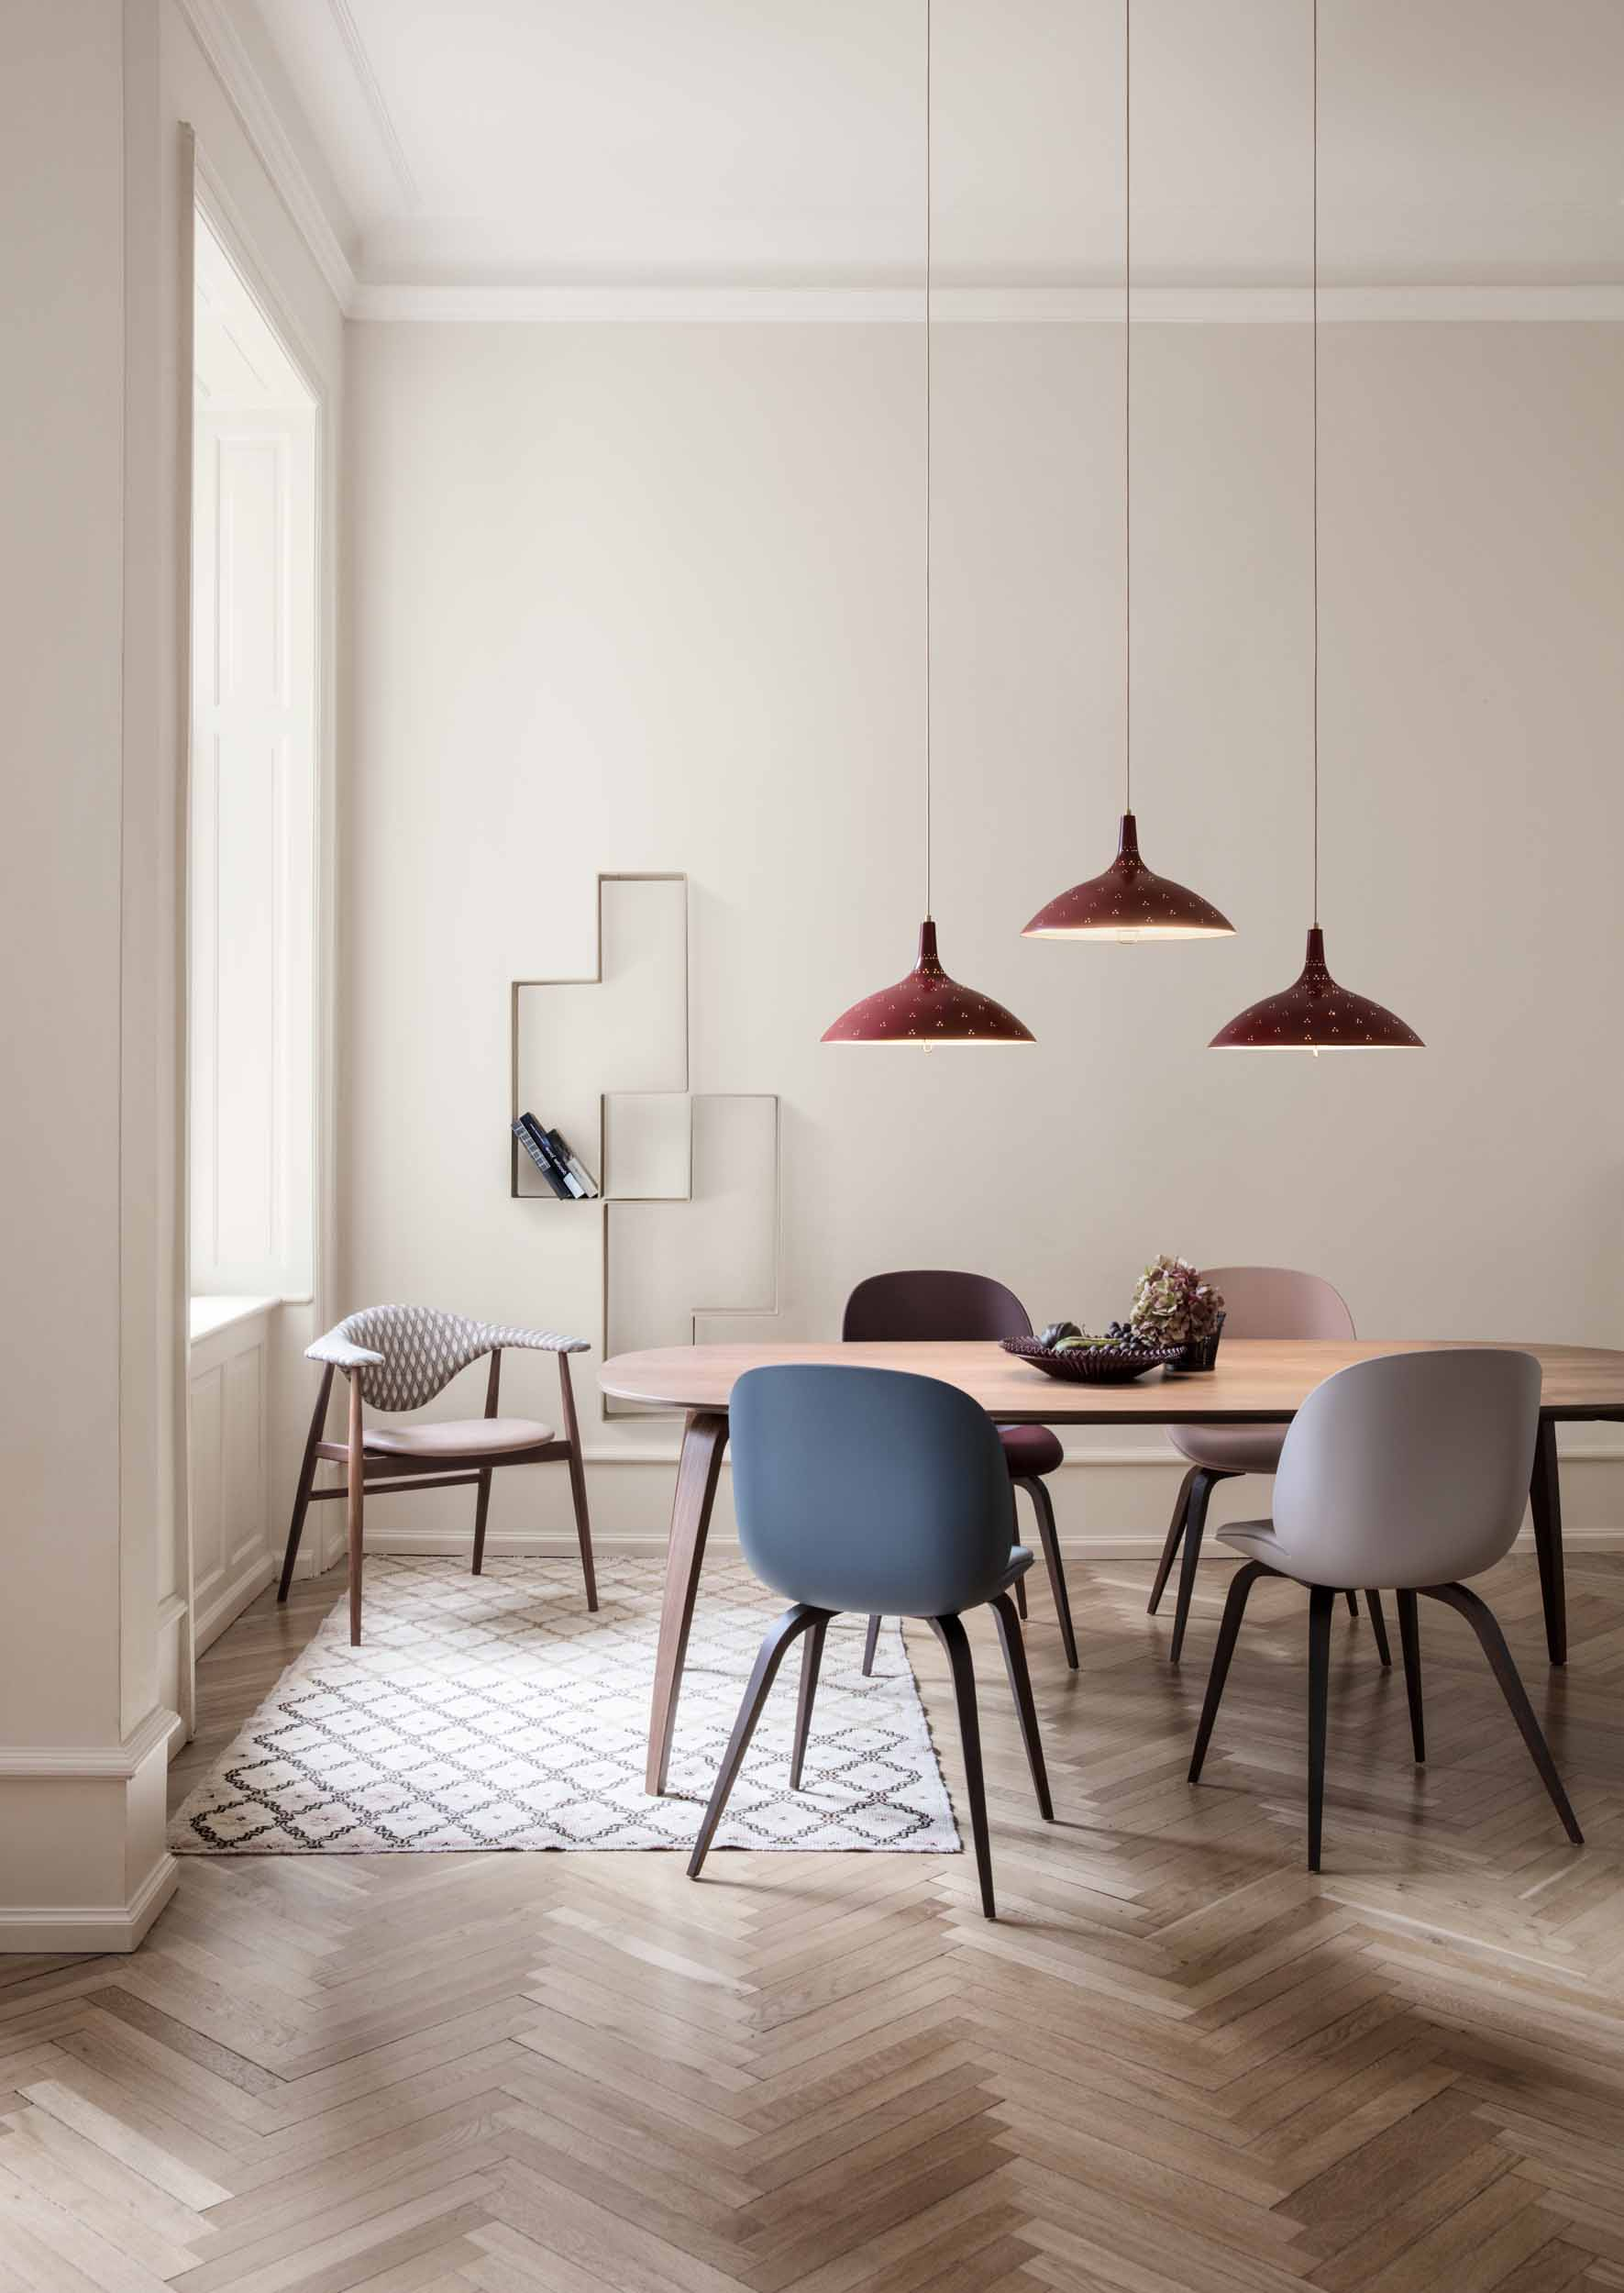 Speisezimmer Gubi Interior Design Muenchen Eggers Einrichten Muenchen klassisch